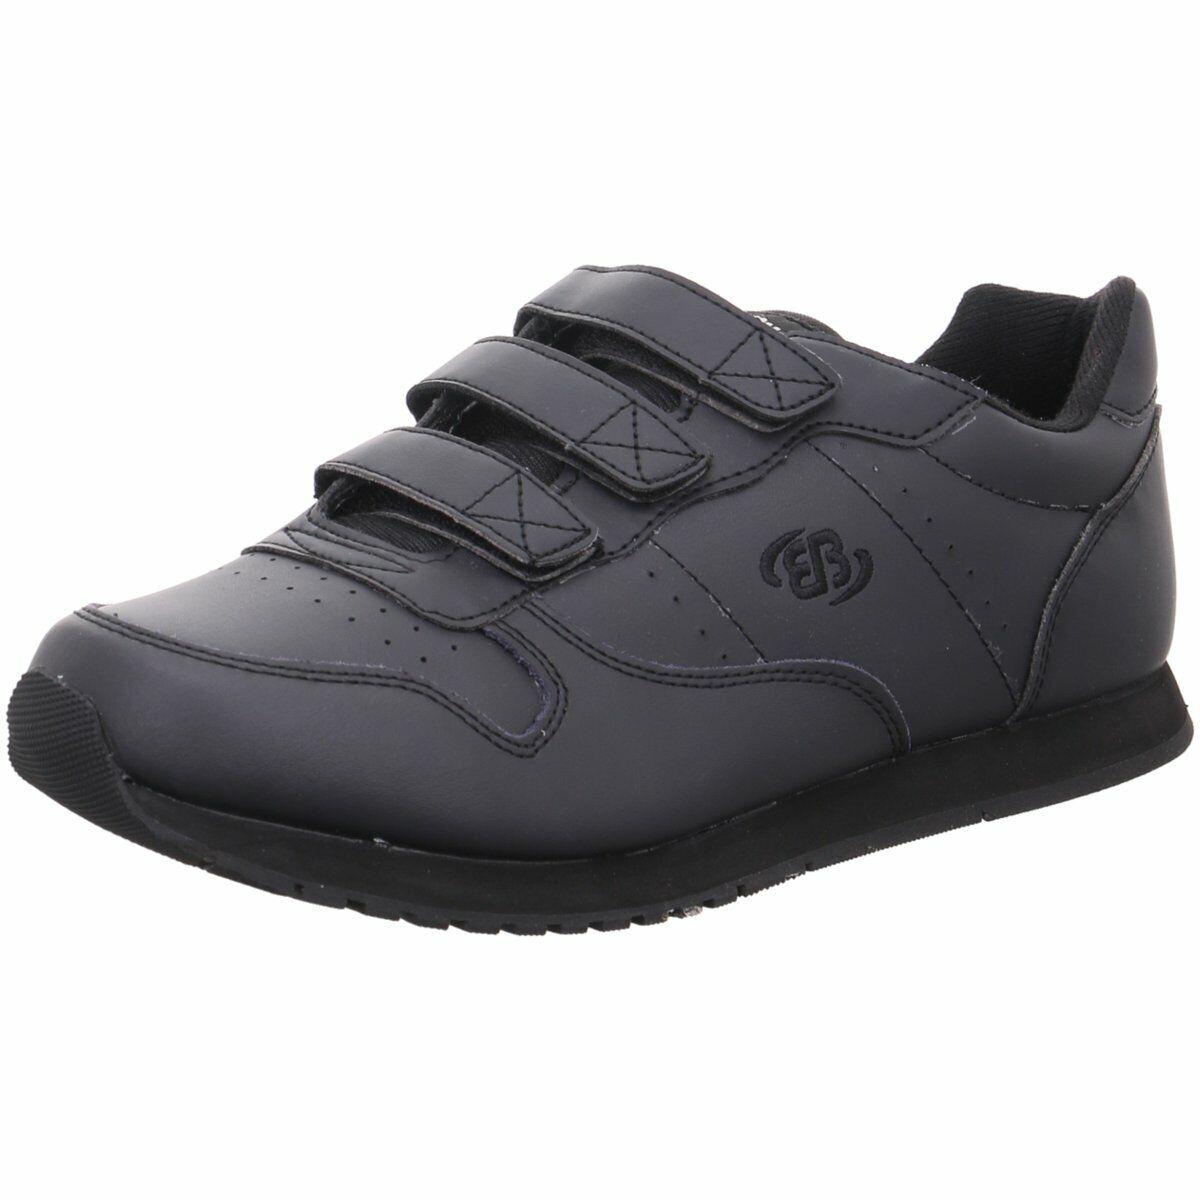 NEU LICO HERREN Sneaker Slipper Halbschuhe grau mehrfarbig